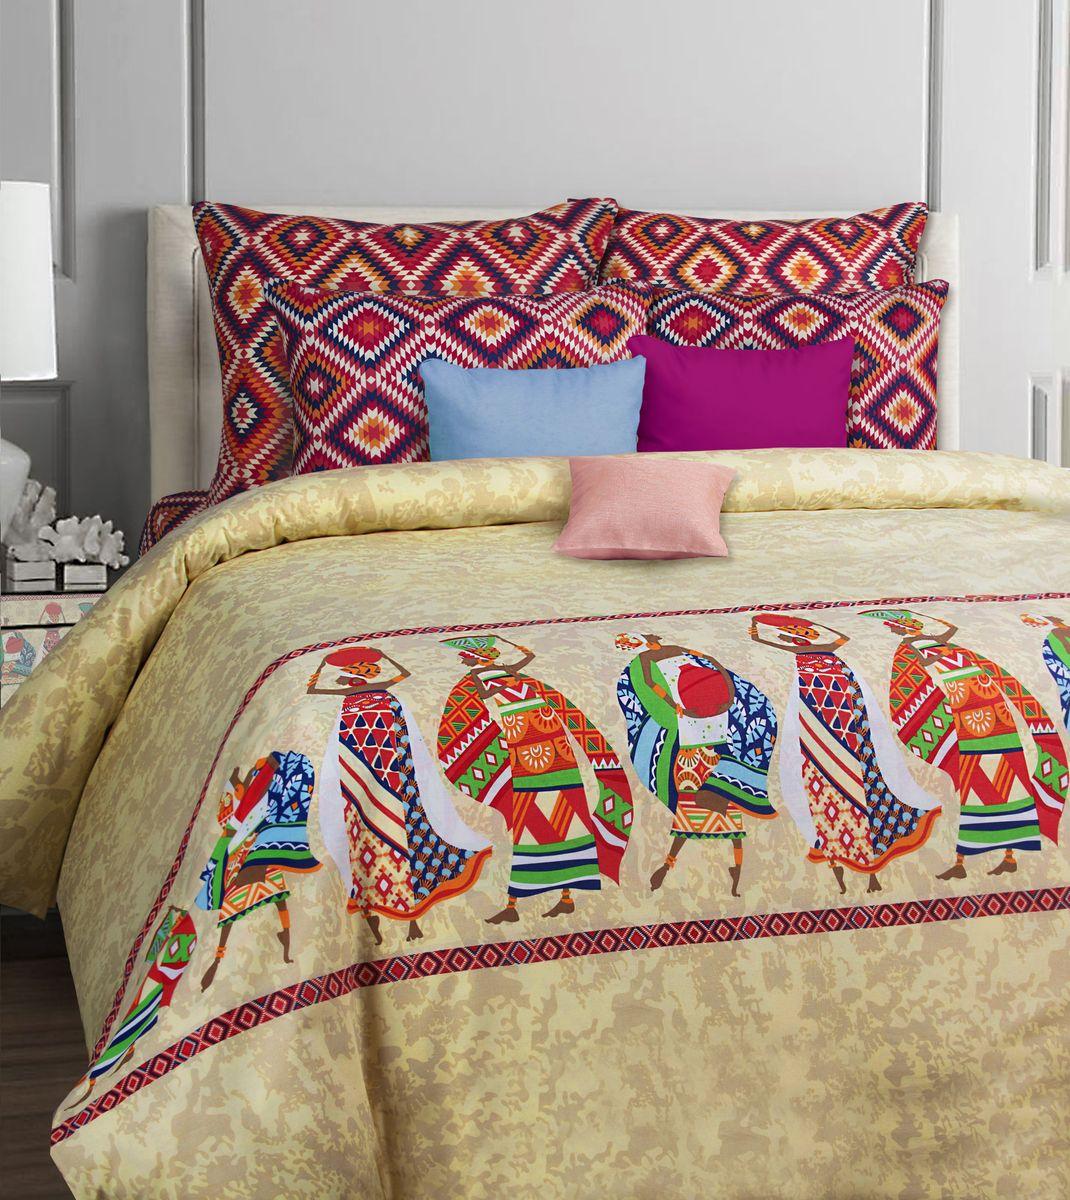 Комплект постельного белья Mona Liza Classik. Afrika, семейный, наволочки 50х70, бязь552407/44Коллекция постельного белья MONA LIZA Classic поражает многообразием дизайнов. Среди них легко подобрать необходимый рисунок, который создаст в доме уют. Комплекты выполнены из бязи 100 % хлопка.